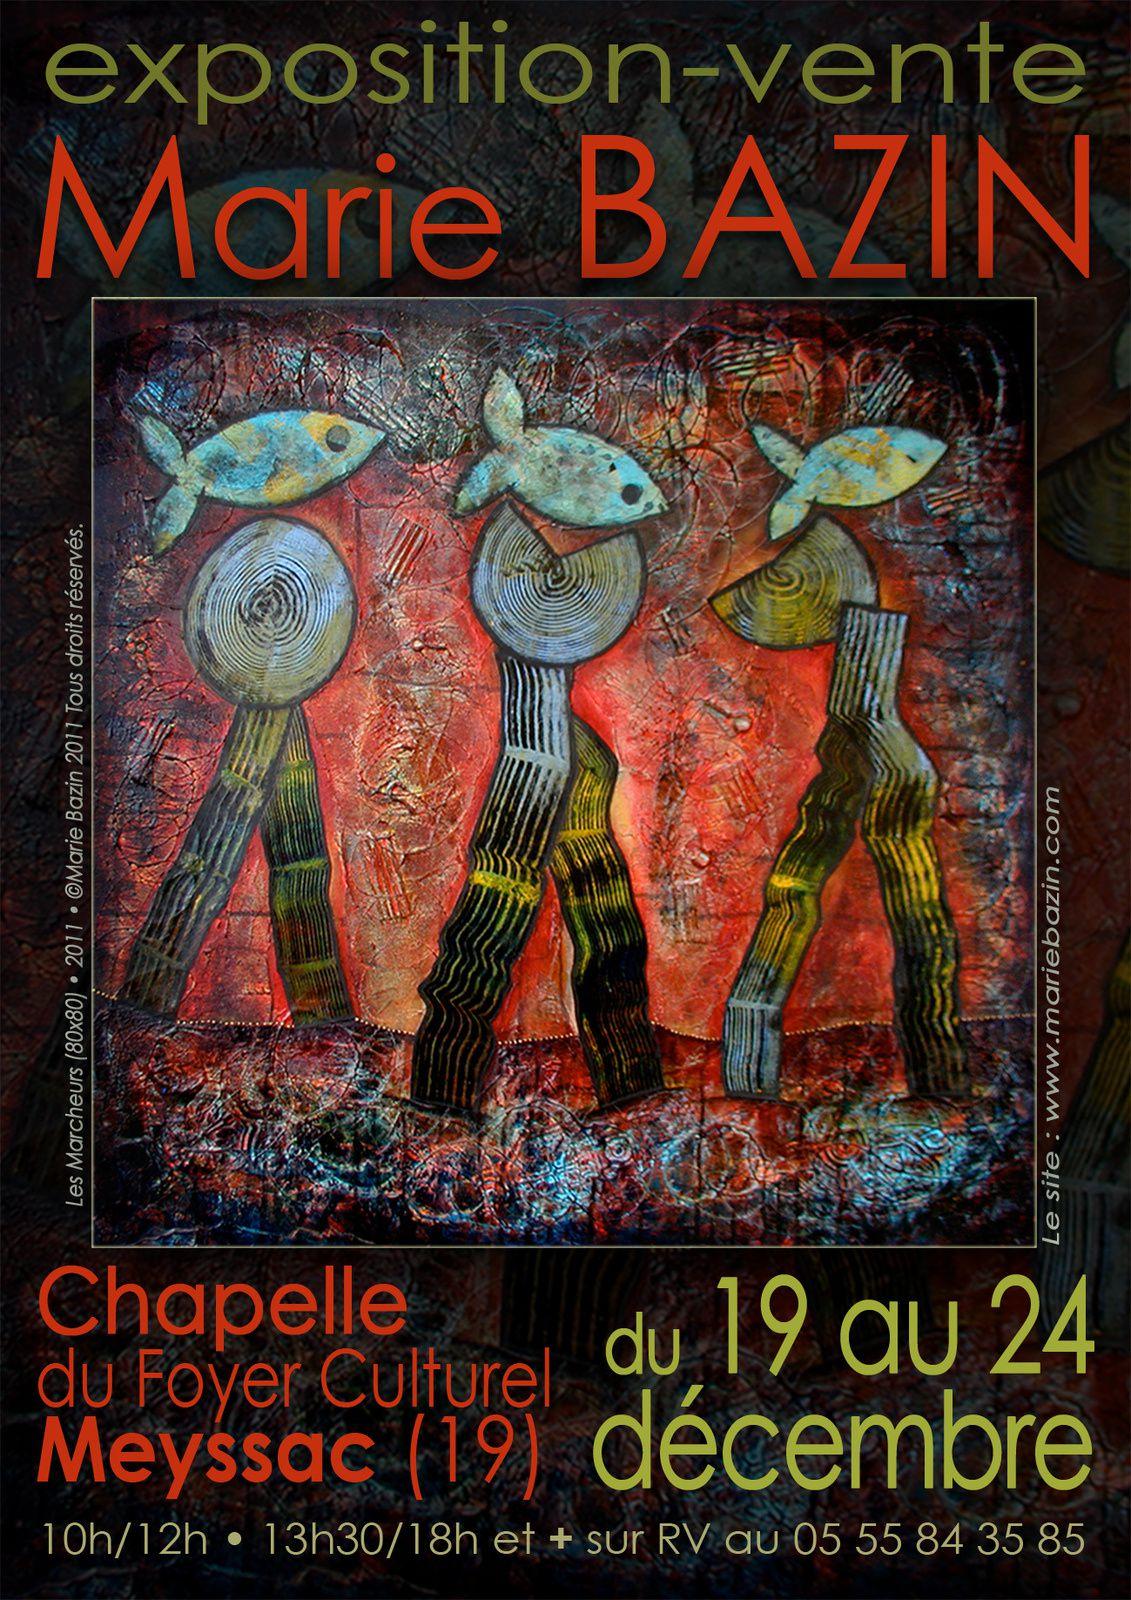 Affiches des expositions Marie Bazin